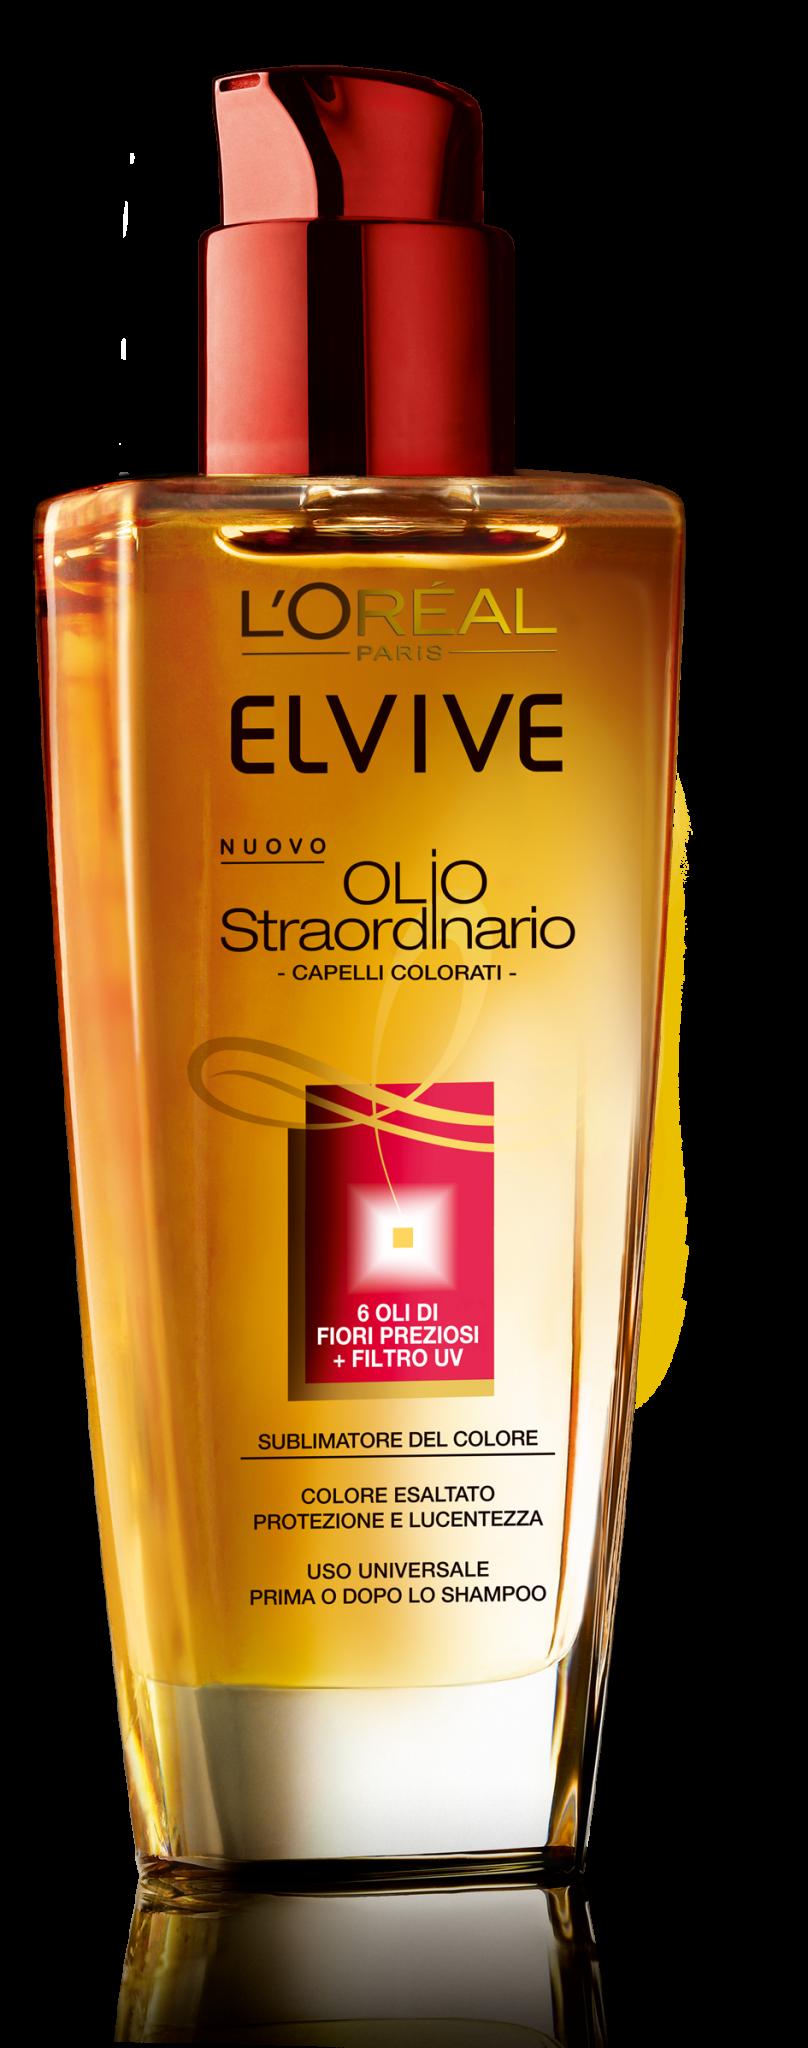 Elvive presenta il nuovo Olio Straordinario